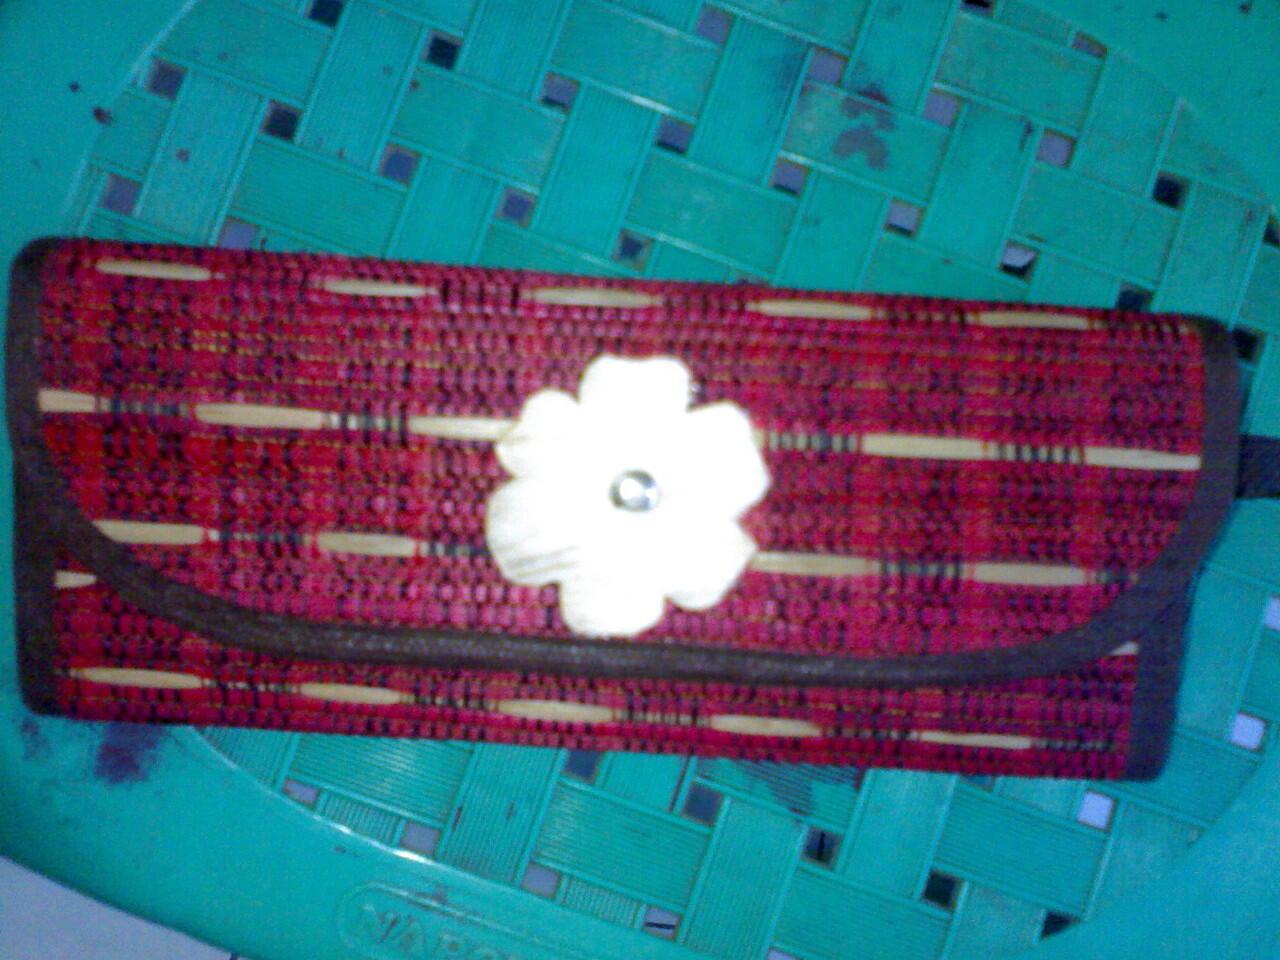 dompet mendong khas kerajinan rajapolah